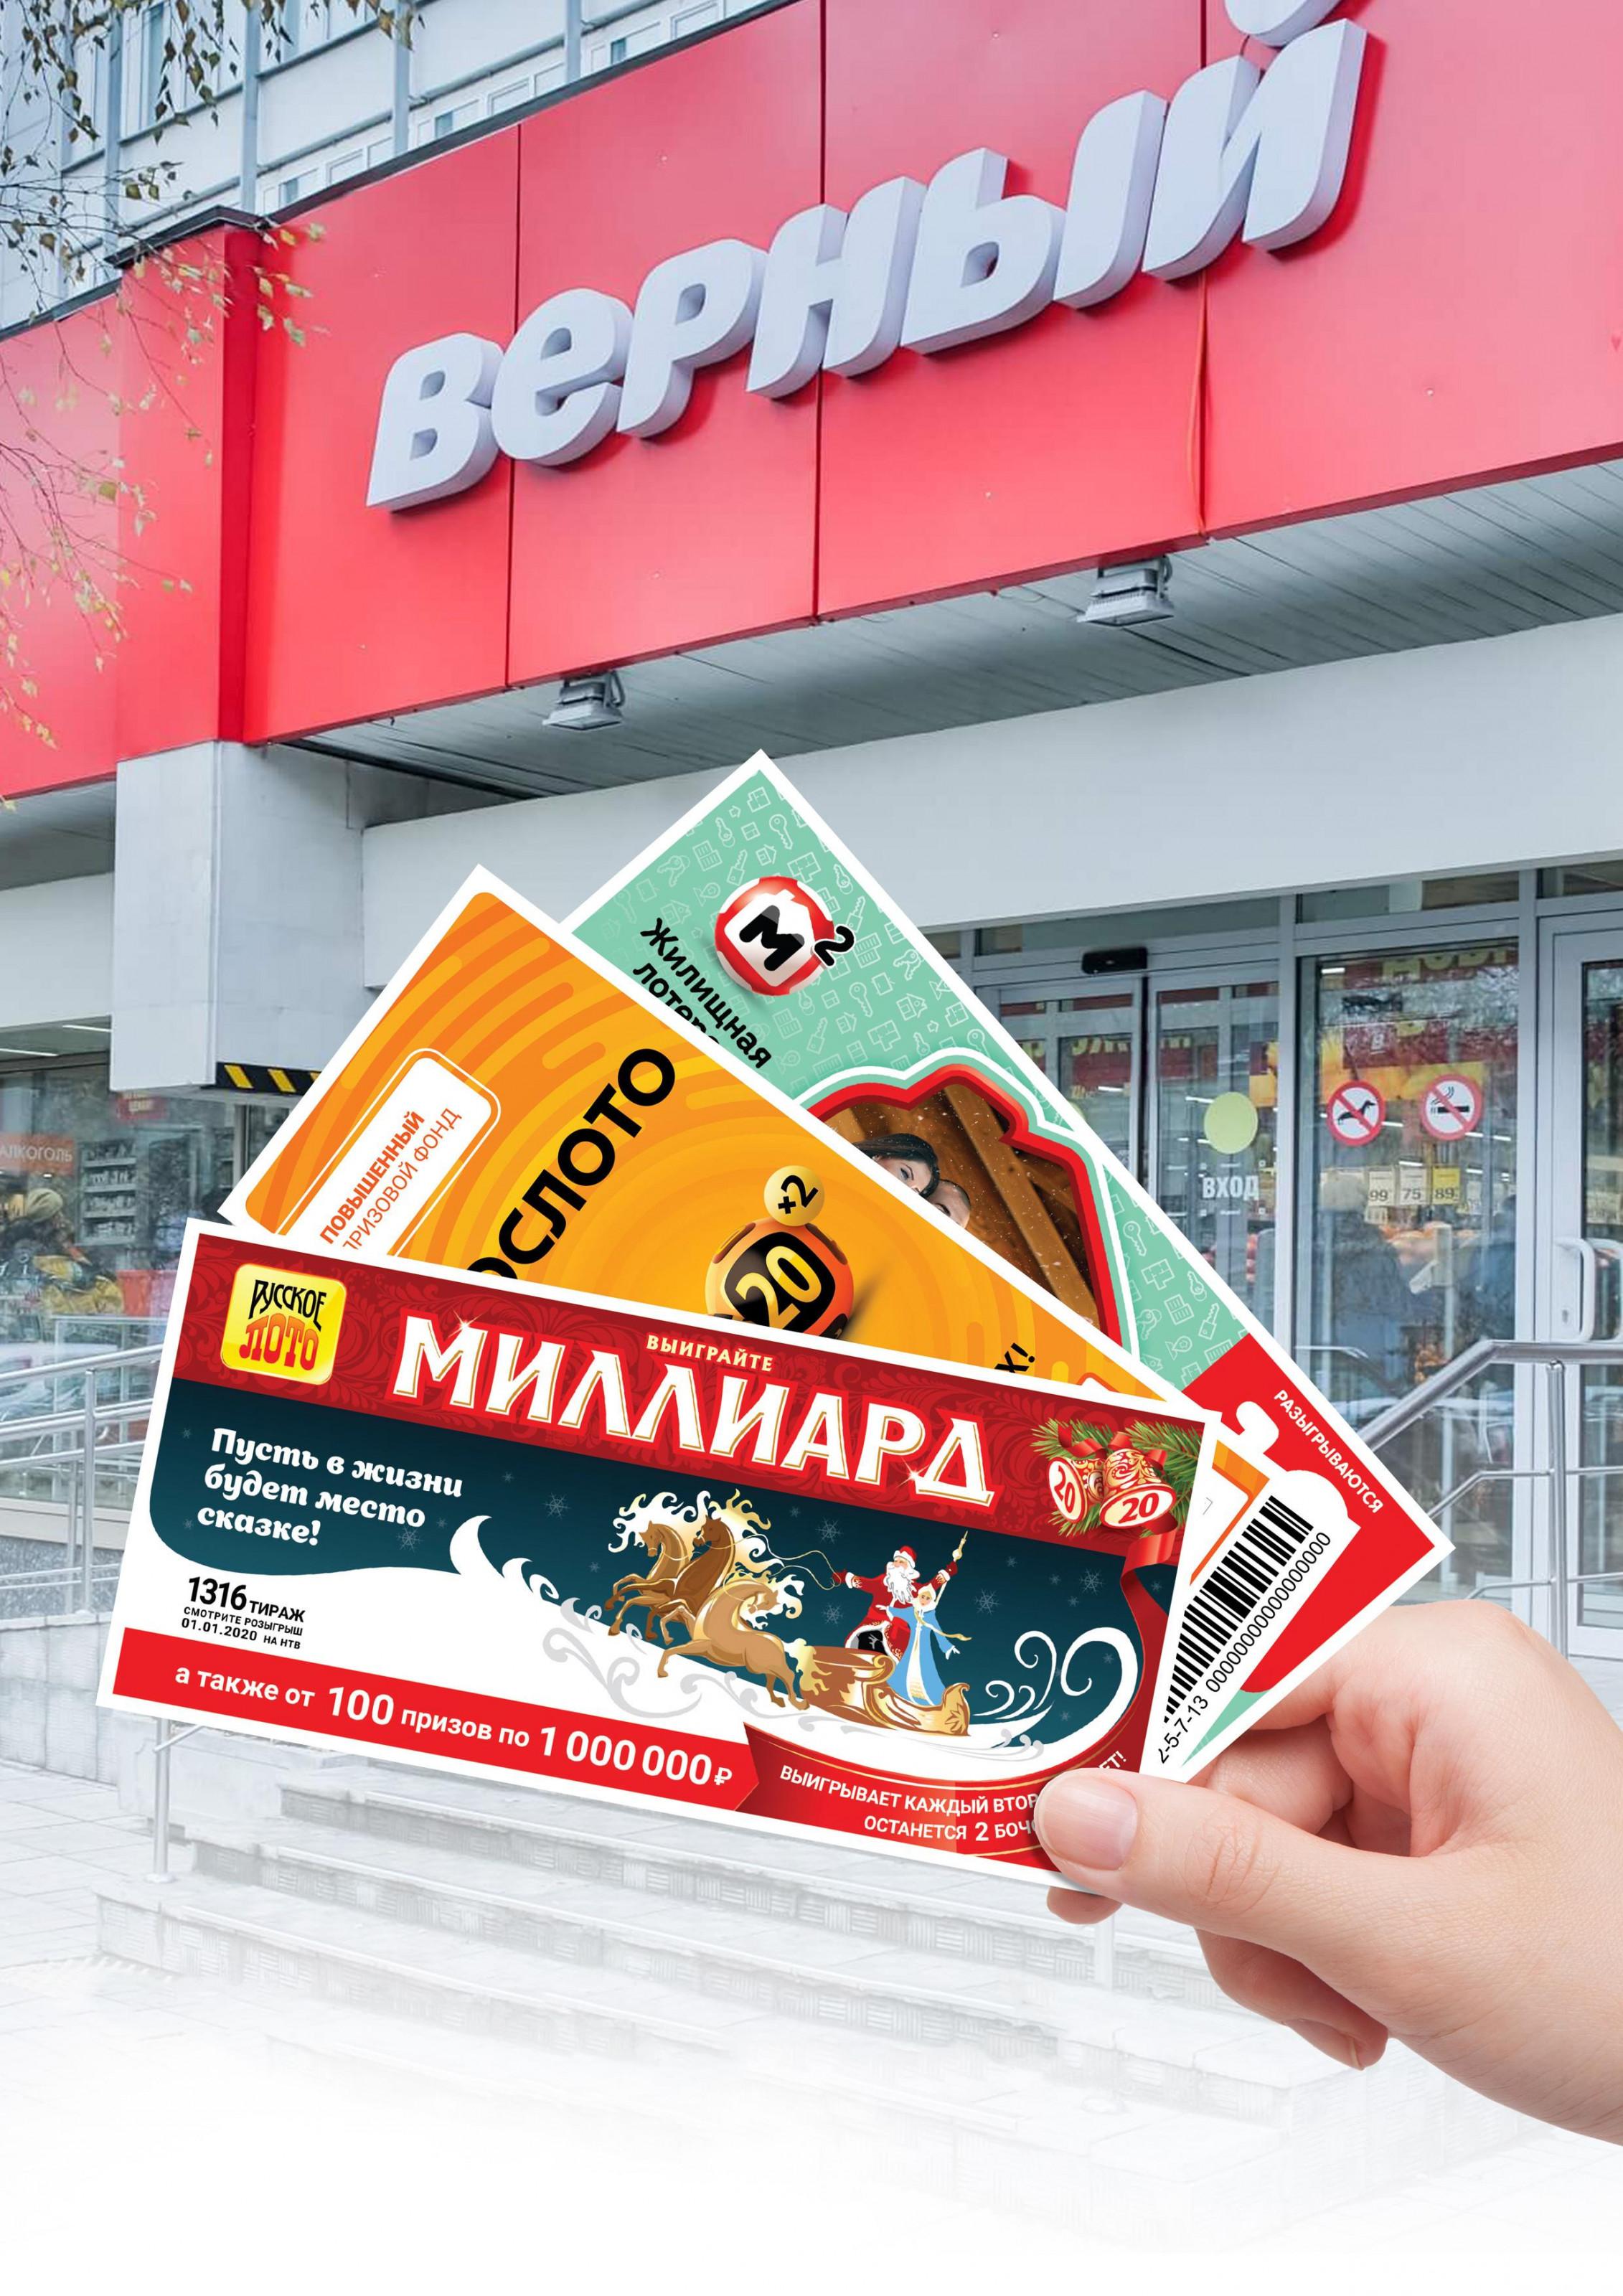 сталкером, дизайн лотерейных билетов картинки зависимости месяца